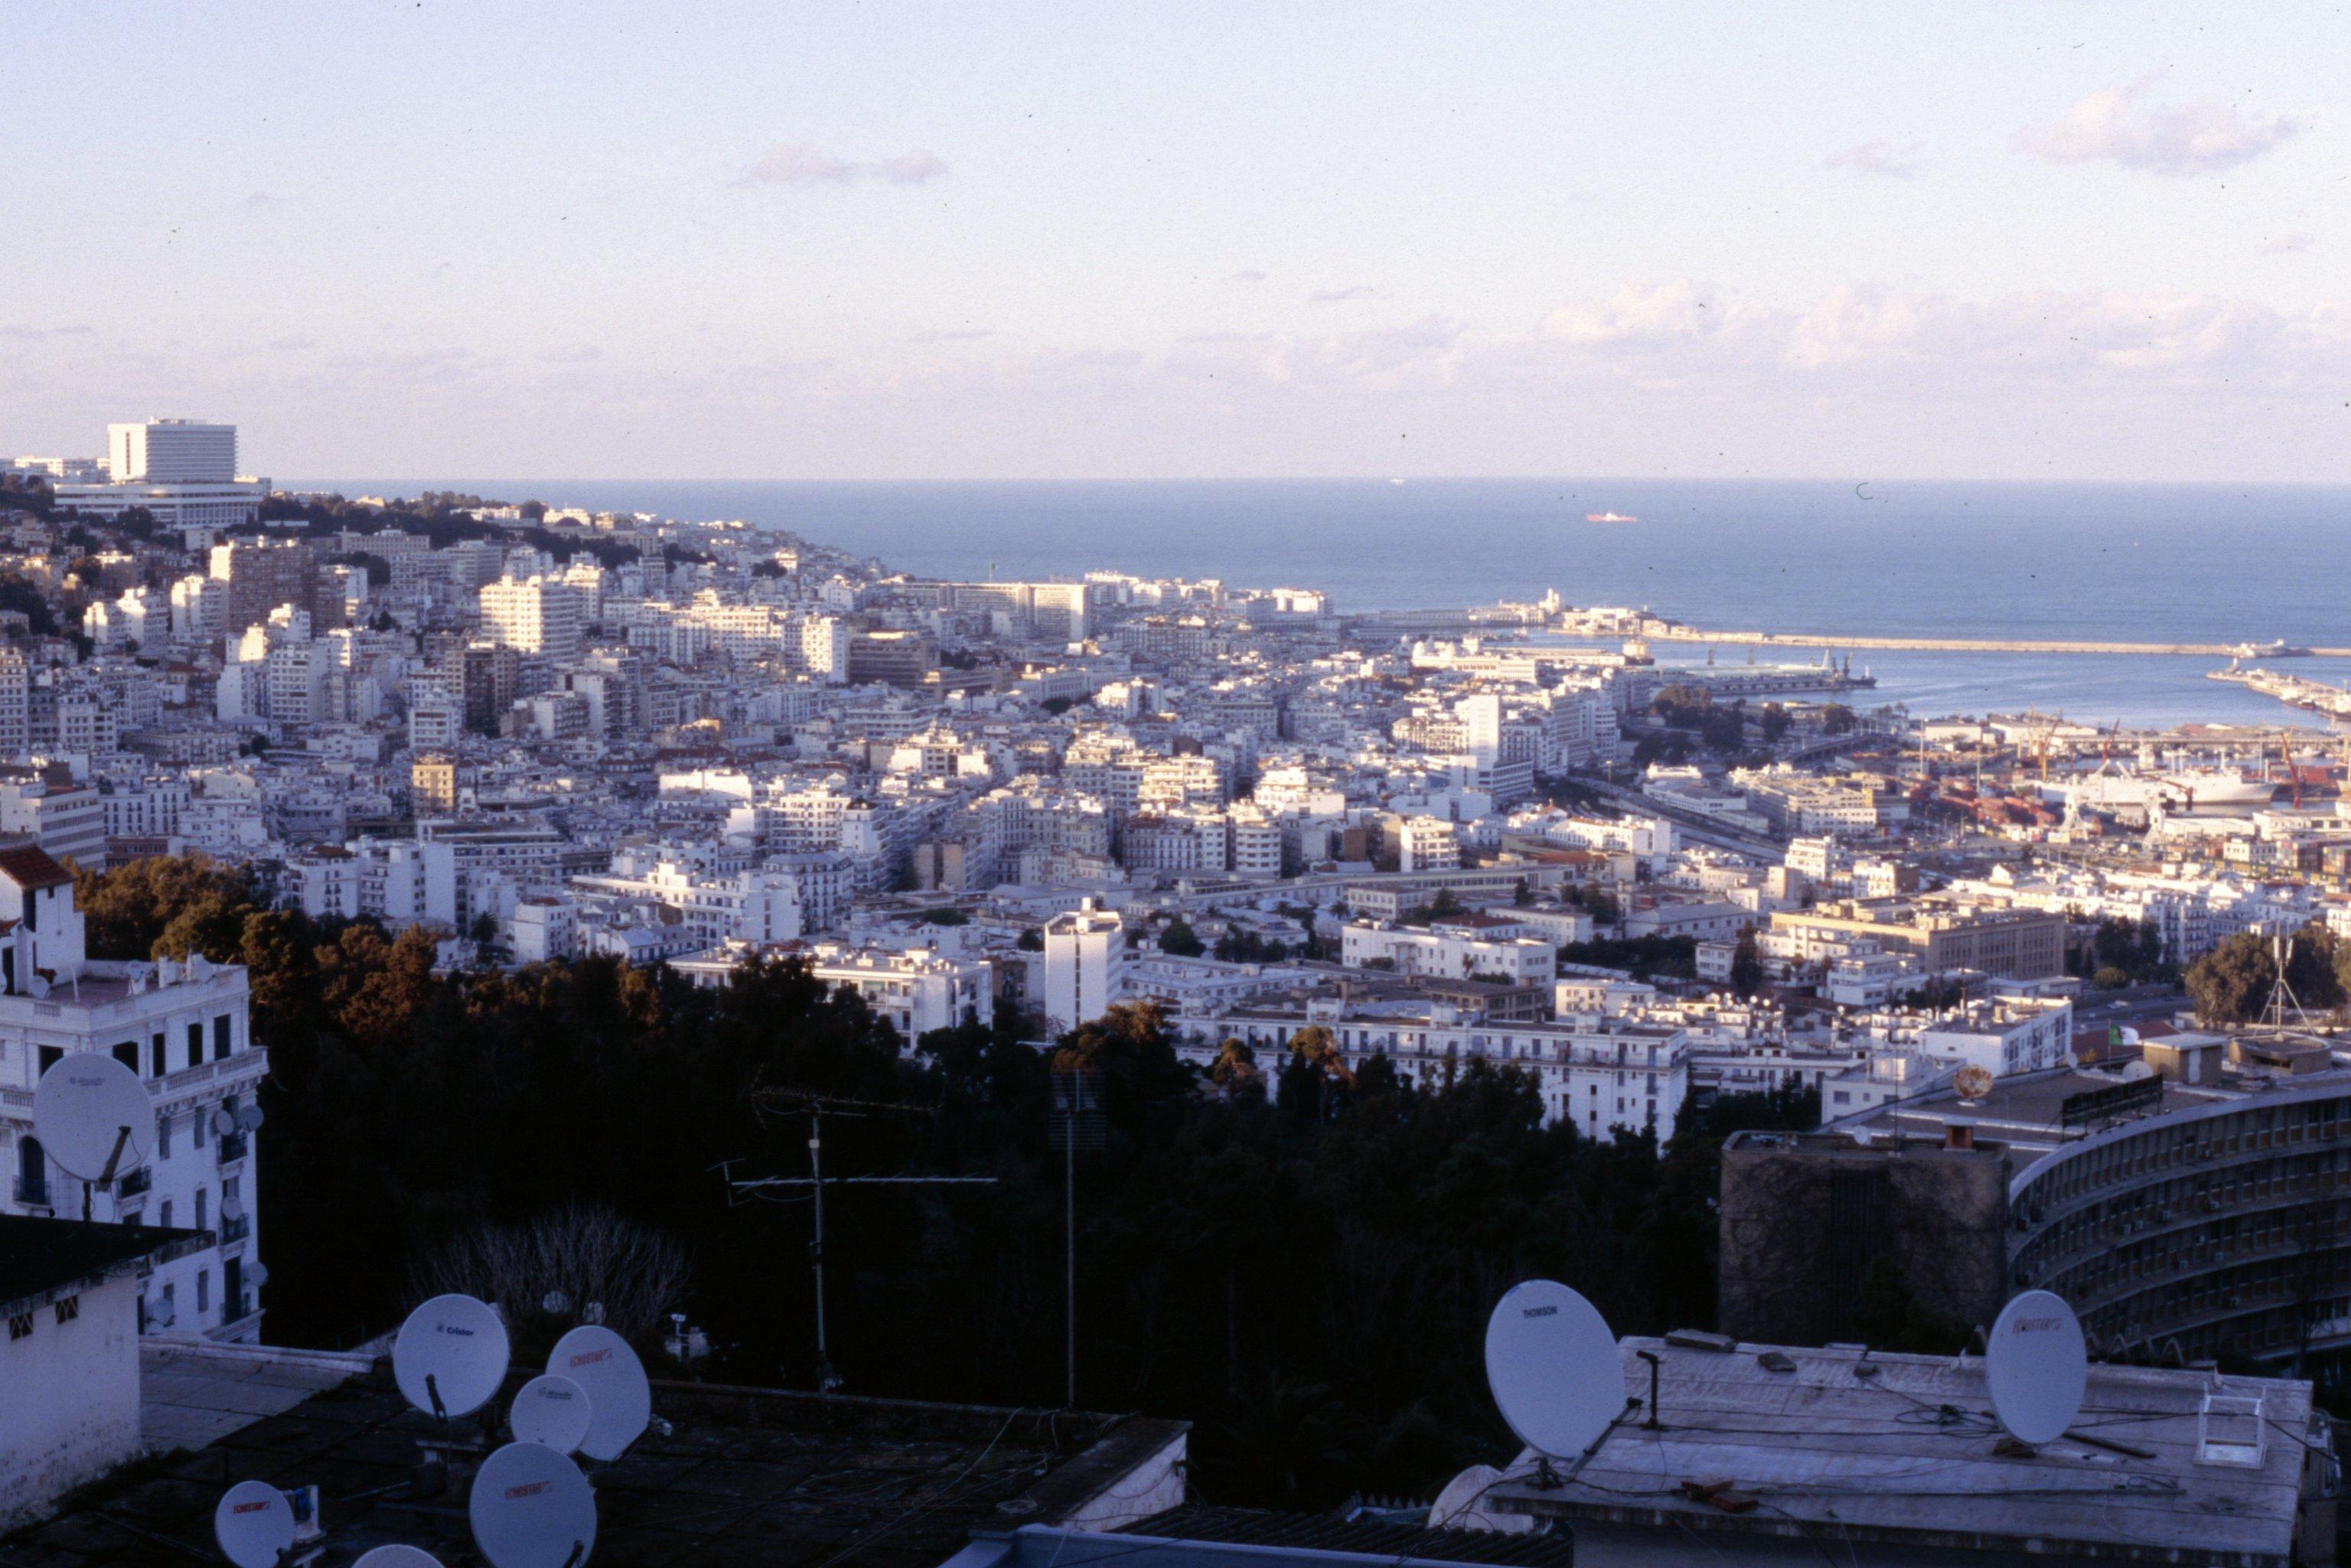 'Algeria ripe for Collapse' warns The American Enterprise Institute